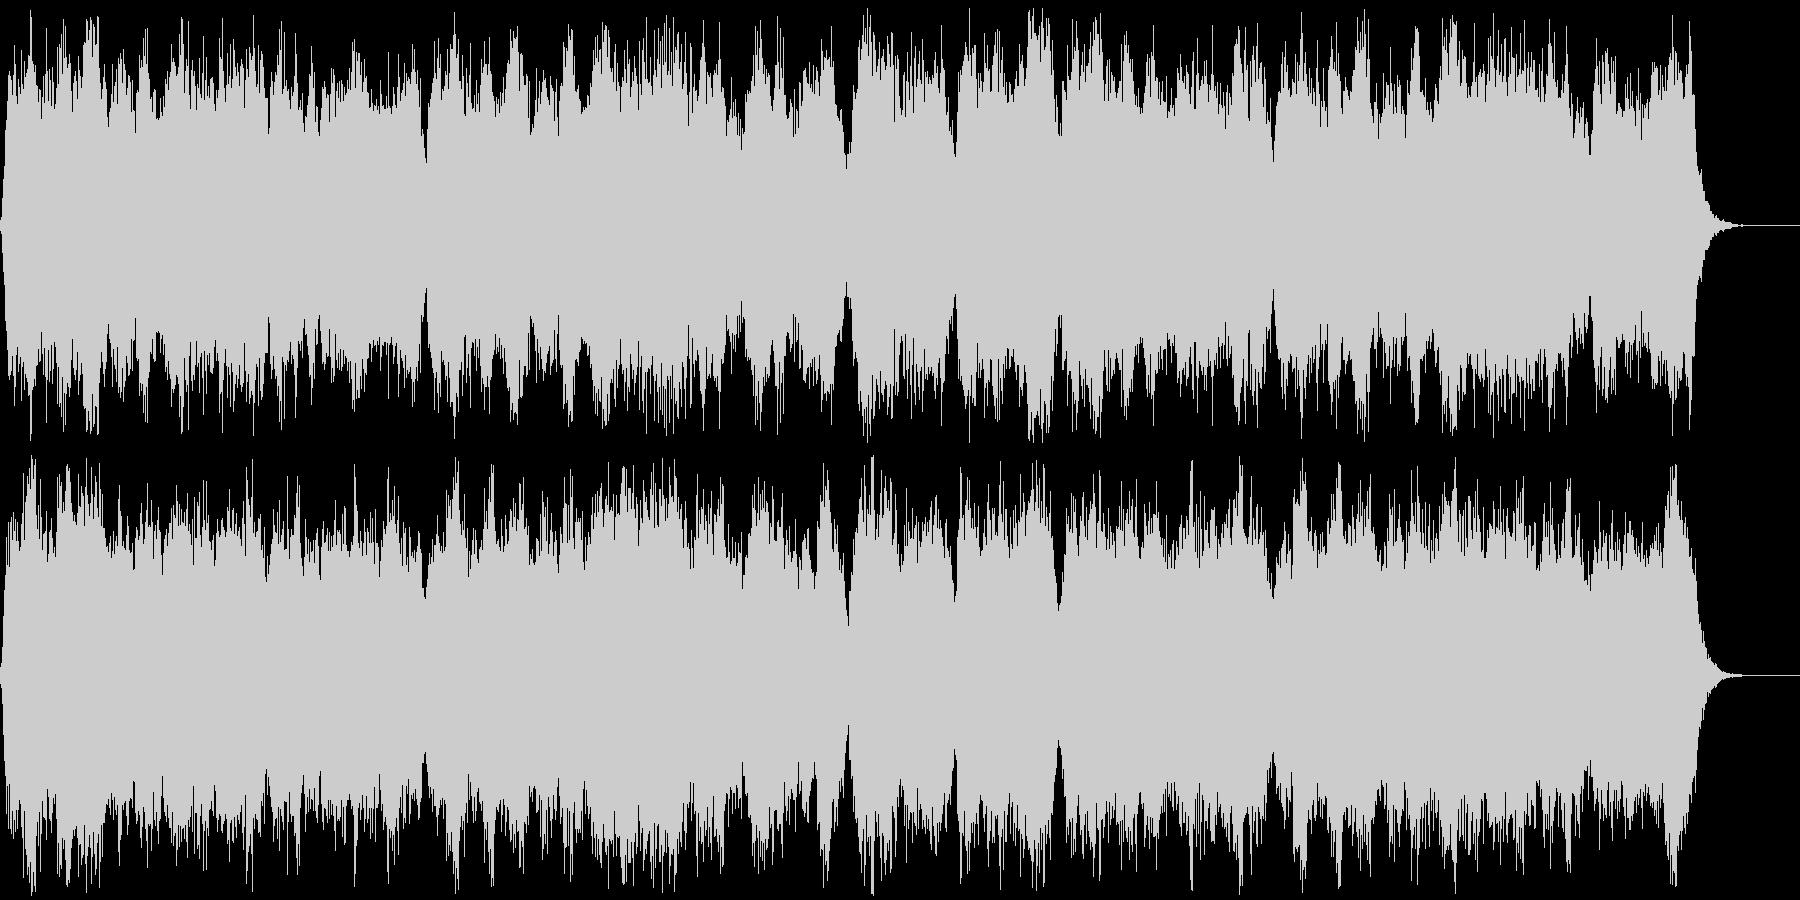 薄暗い教会で流れていそうな合唱曲の未再生の波形